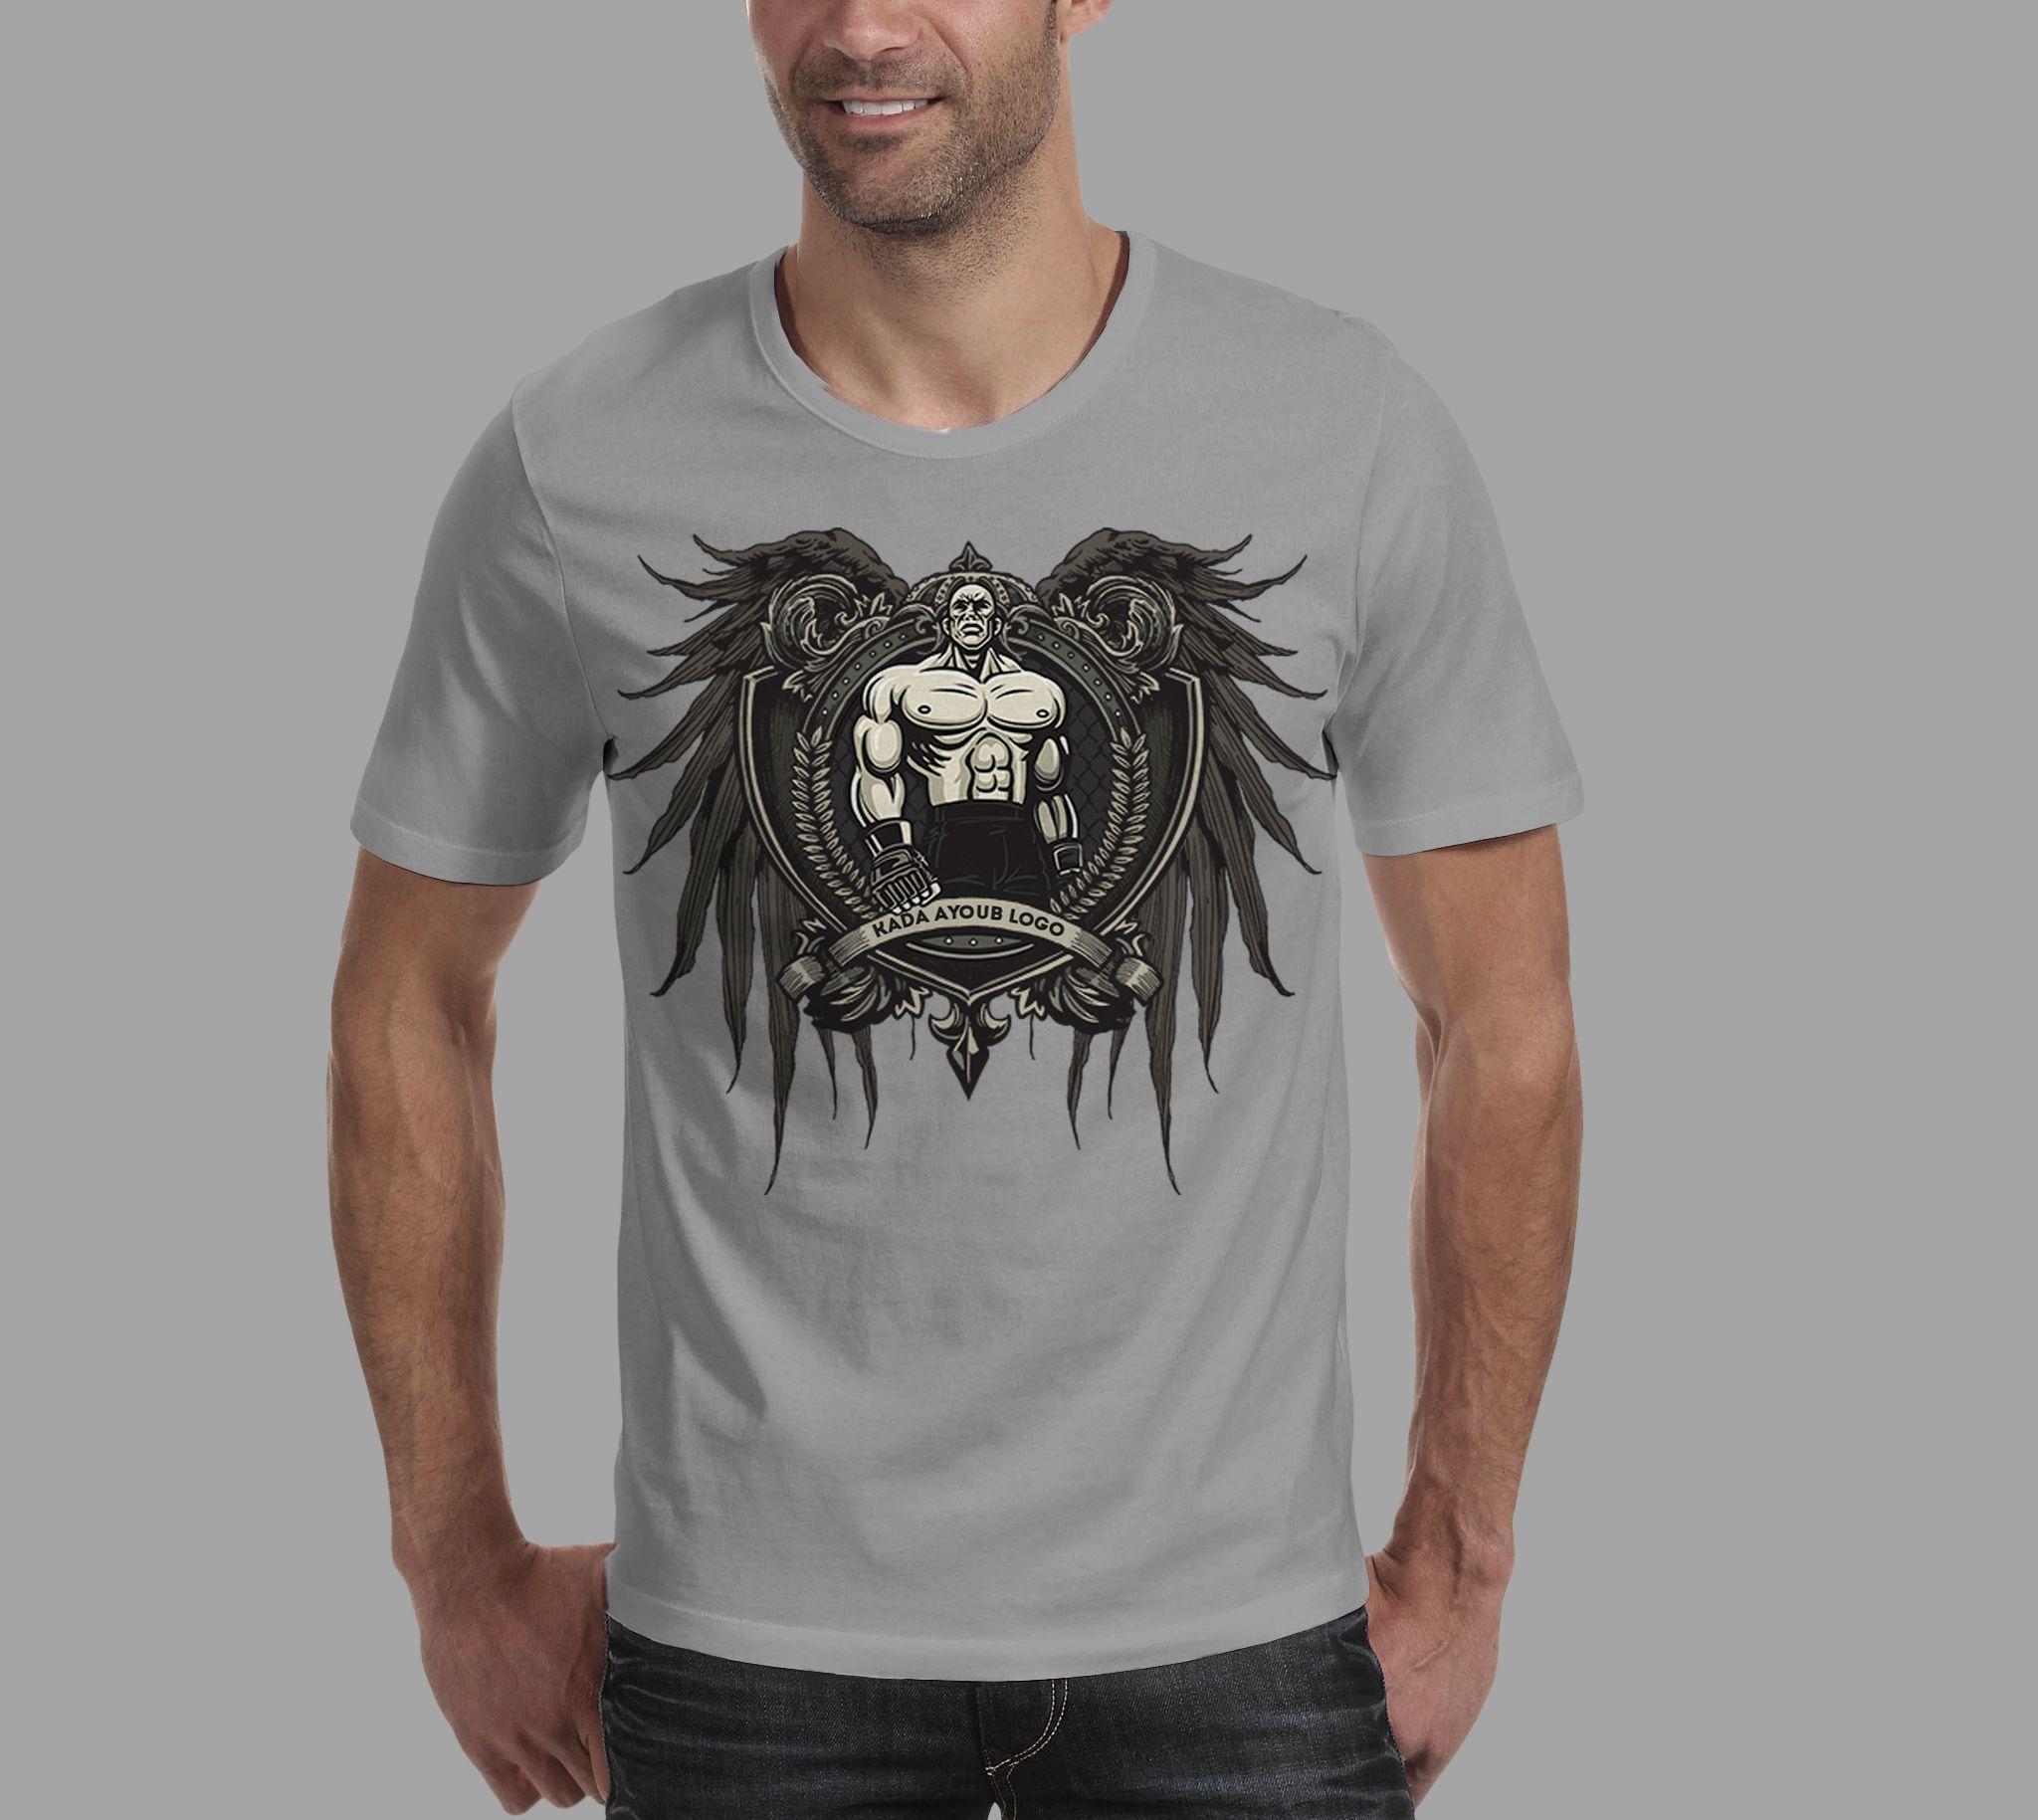 Black t shirt mockup psd free - Free Mockup T Shirt And Logo